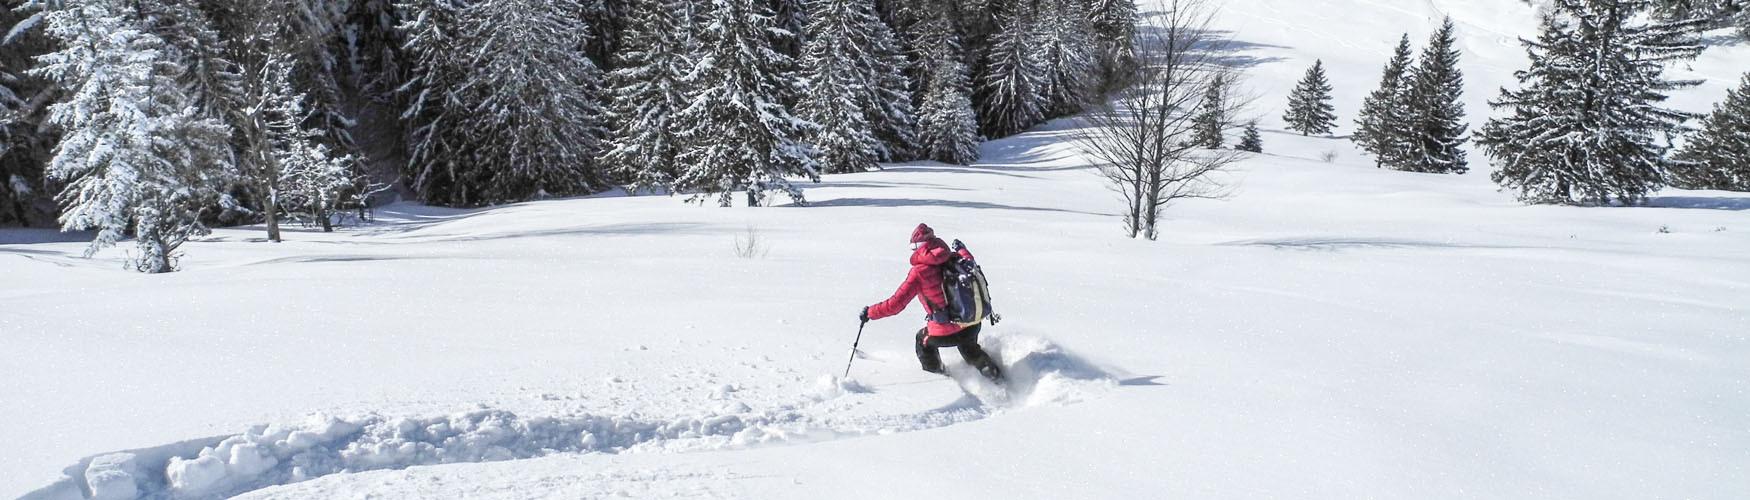 Skitour ausprobieren